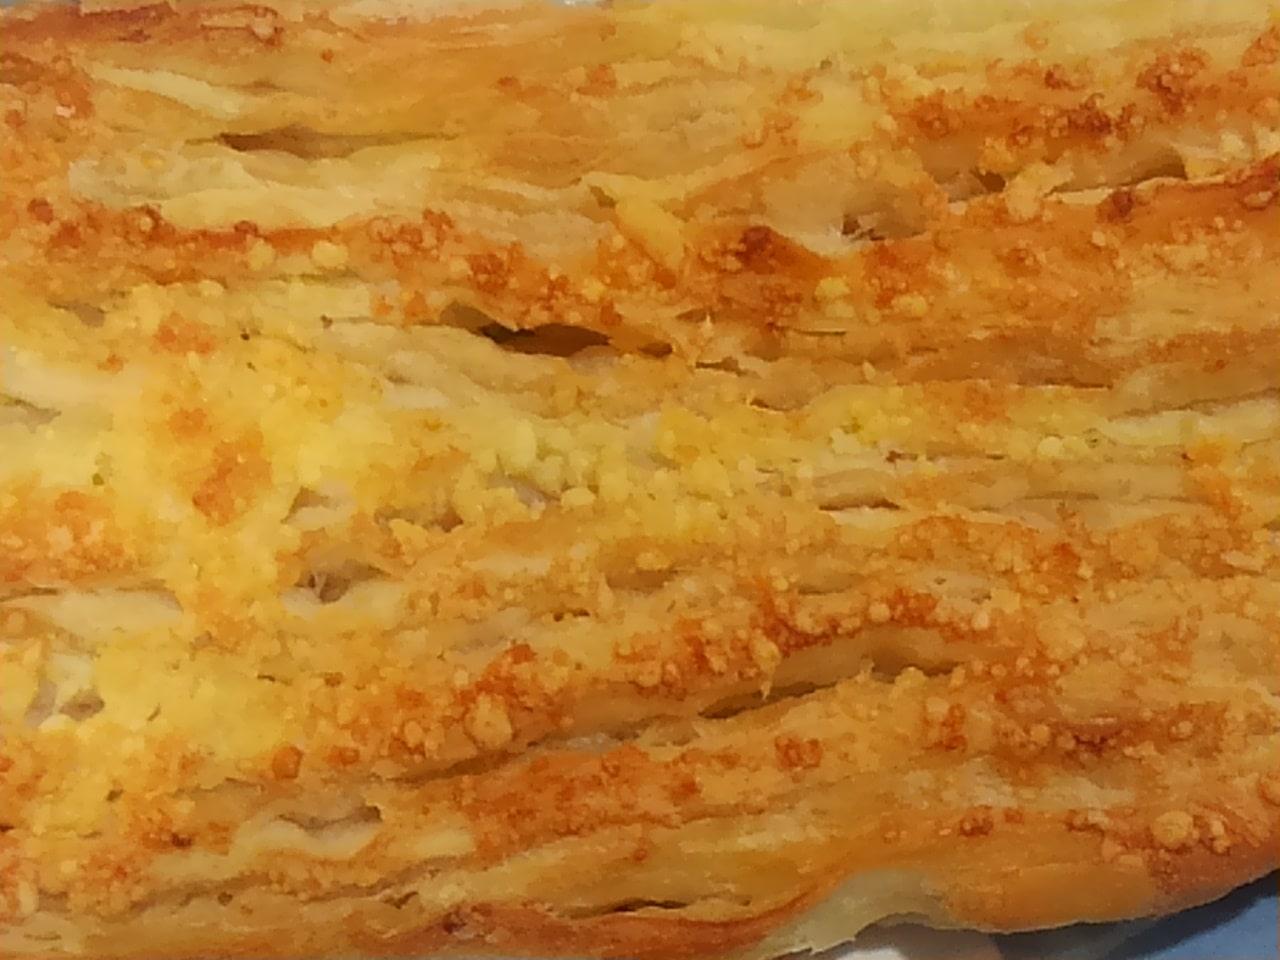 ローソンのもっちり食感チーズパンガーリック風味の感想